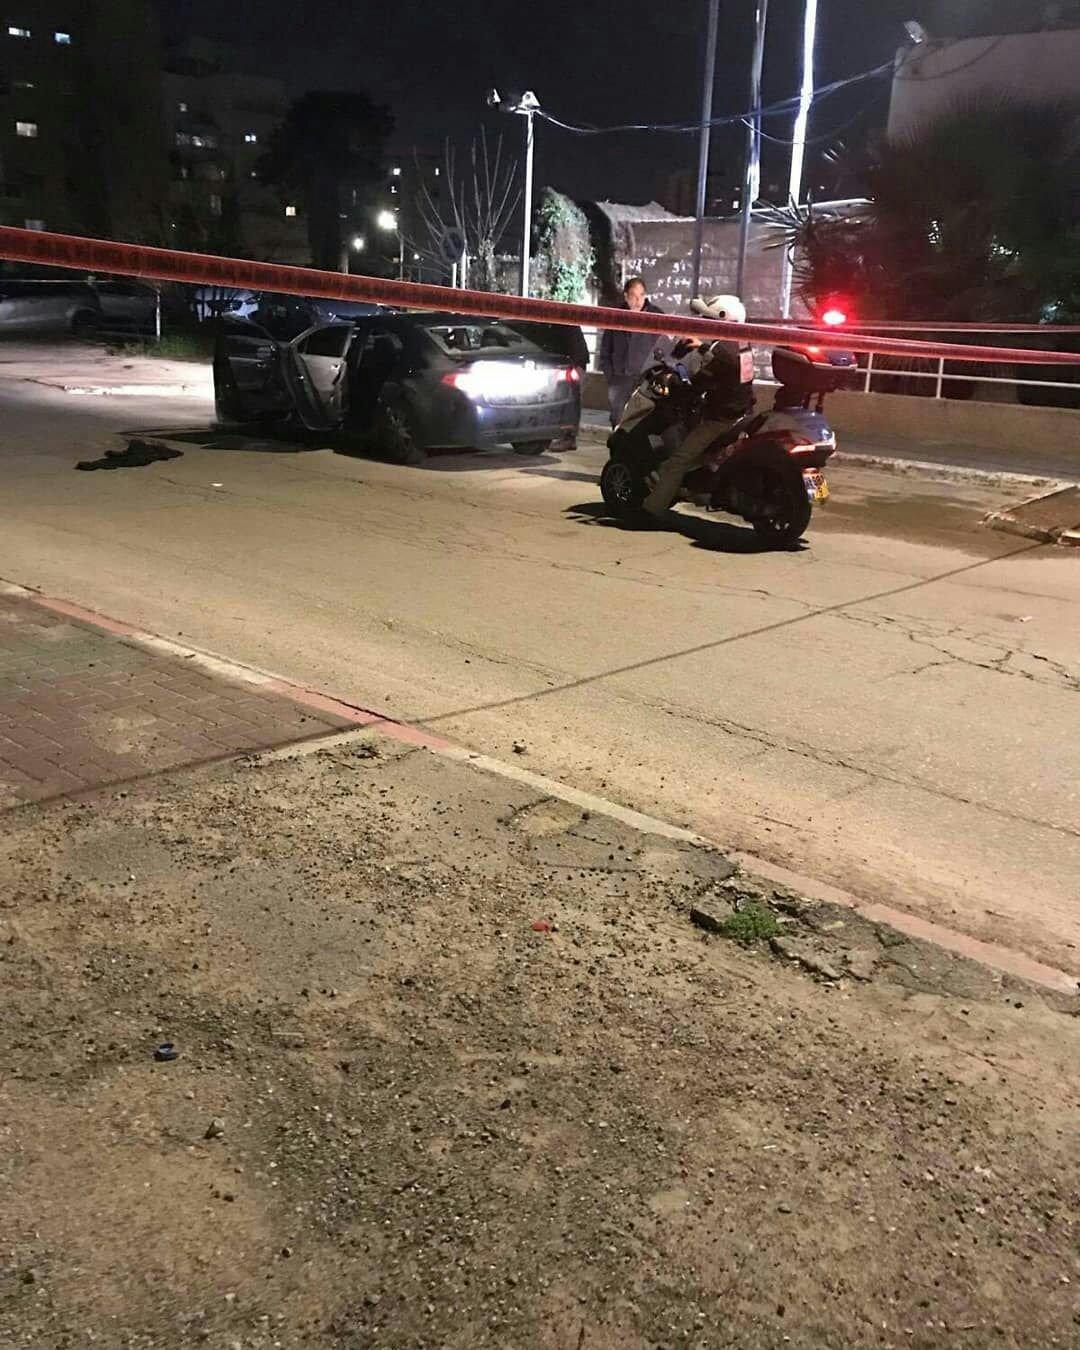 اللد: مصرع شخص رميًا بالرصاص واصابة آخر